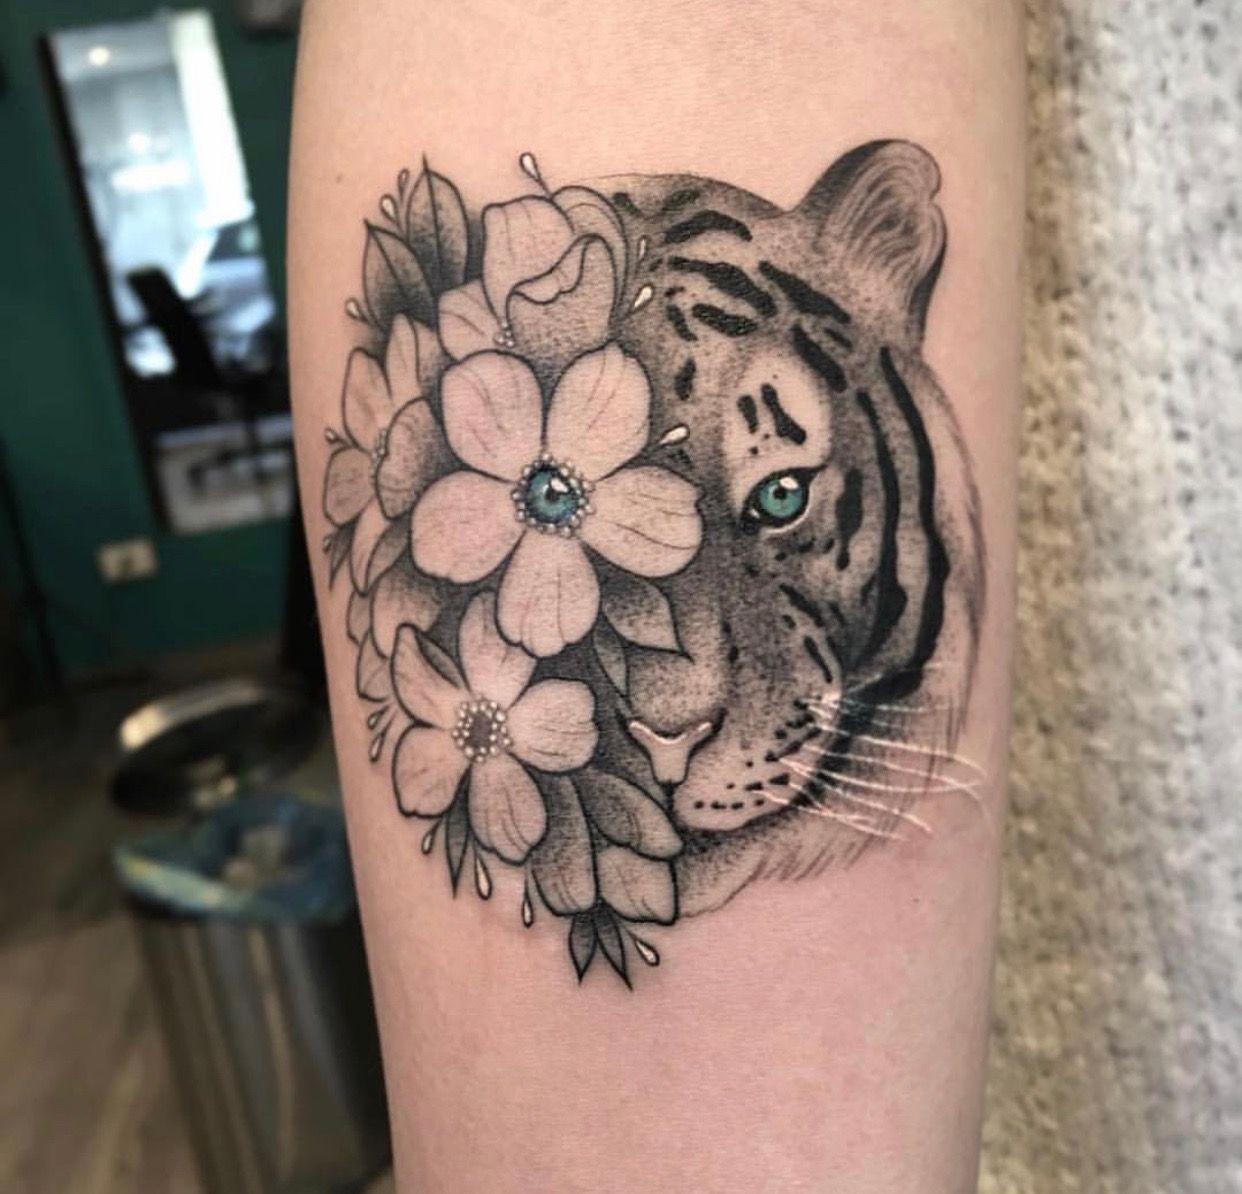 Pin By Karina On Tattoo Ideas Tiger Tattoo Tattoos Future Tattoos